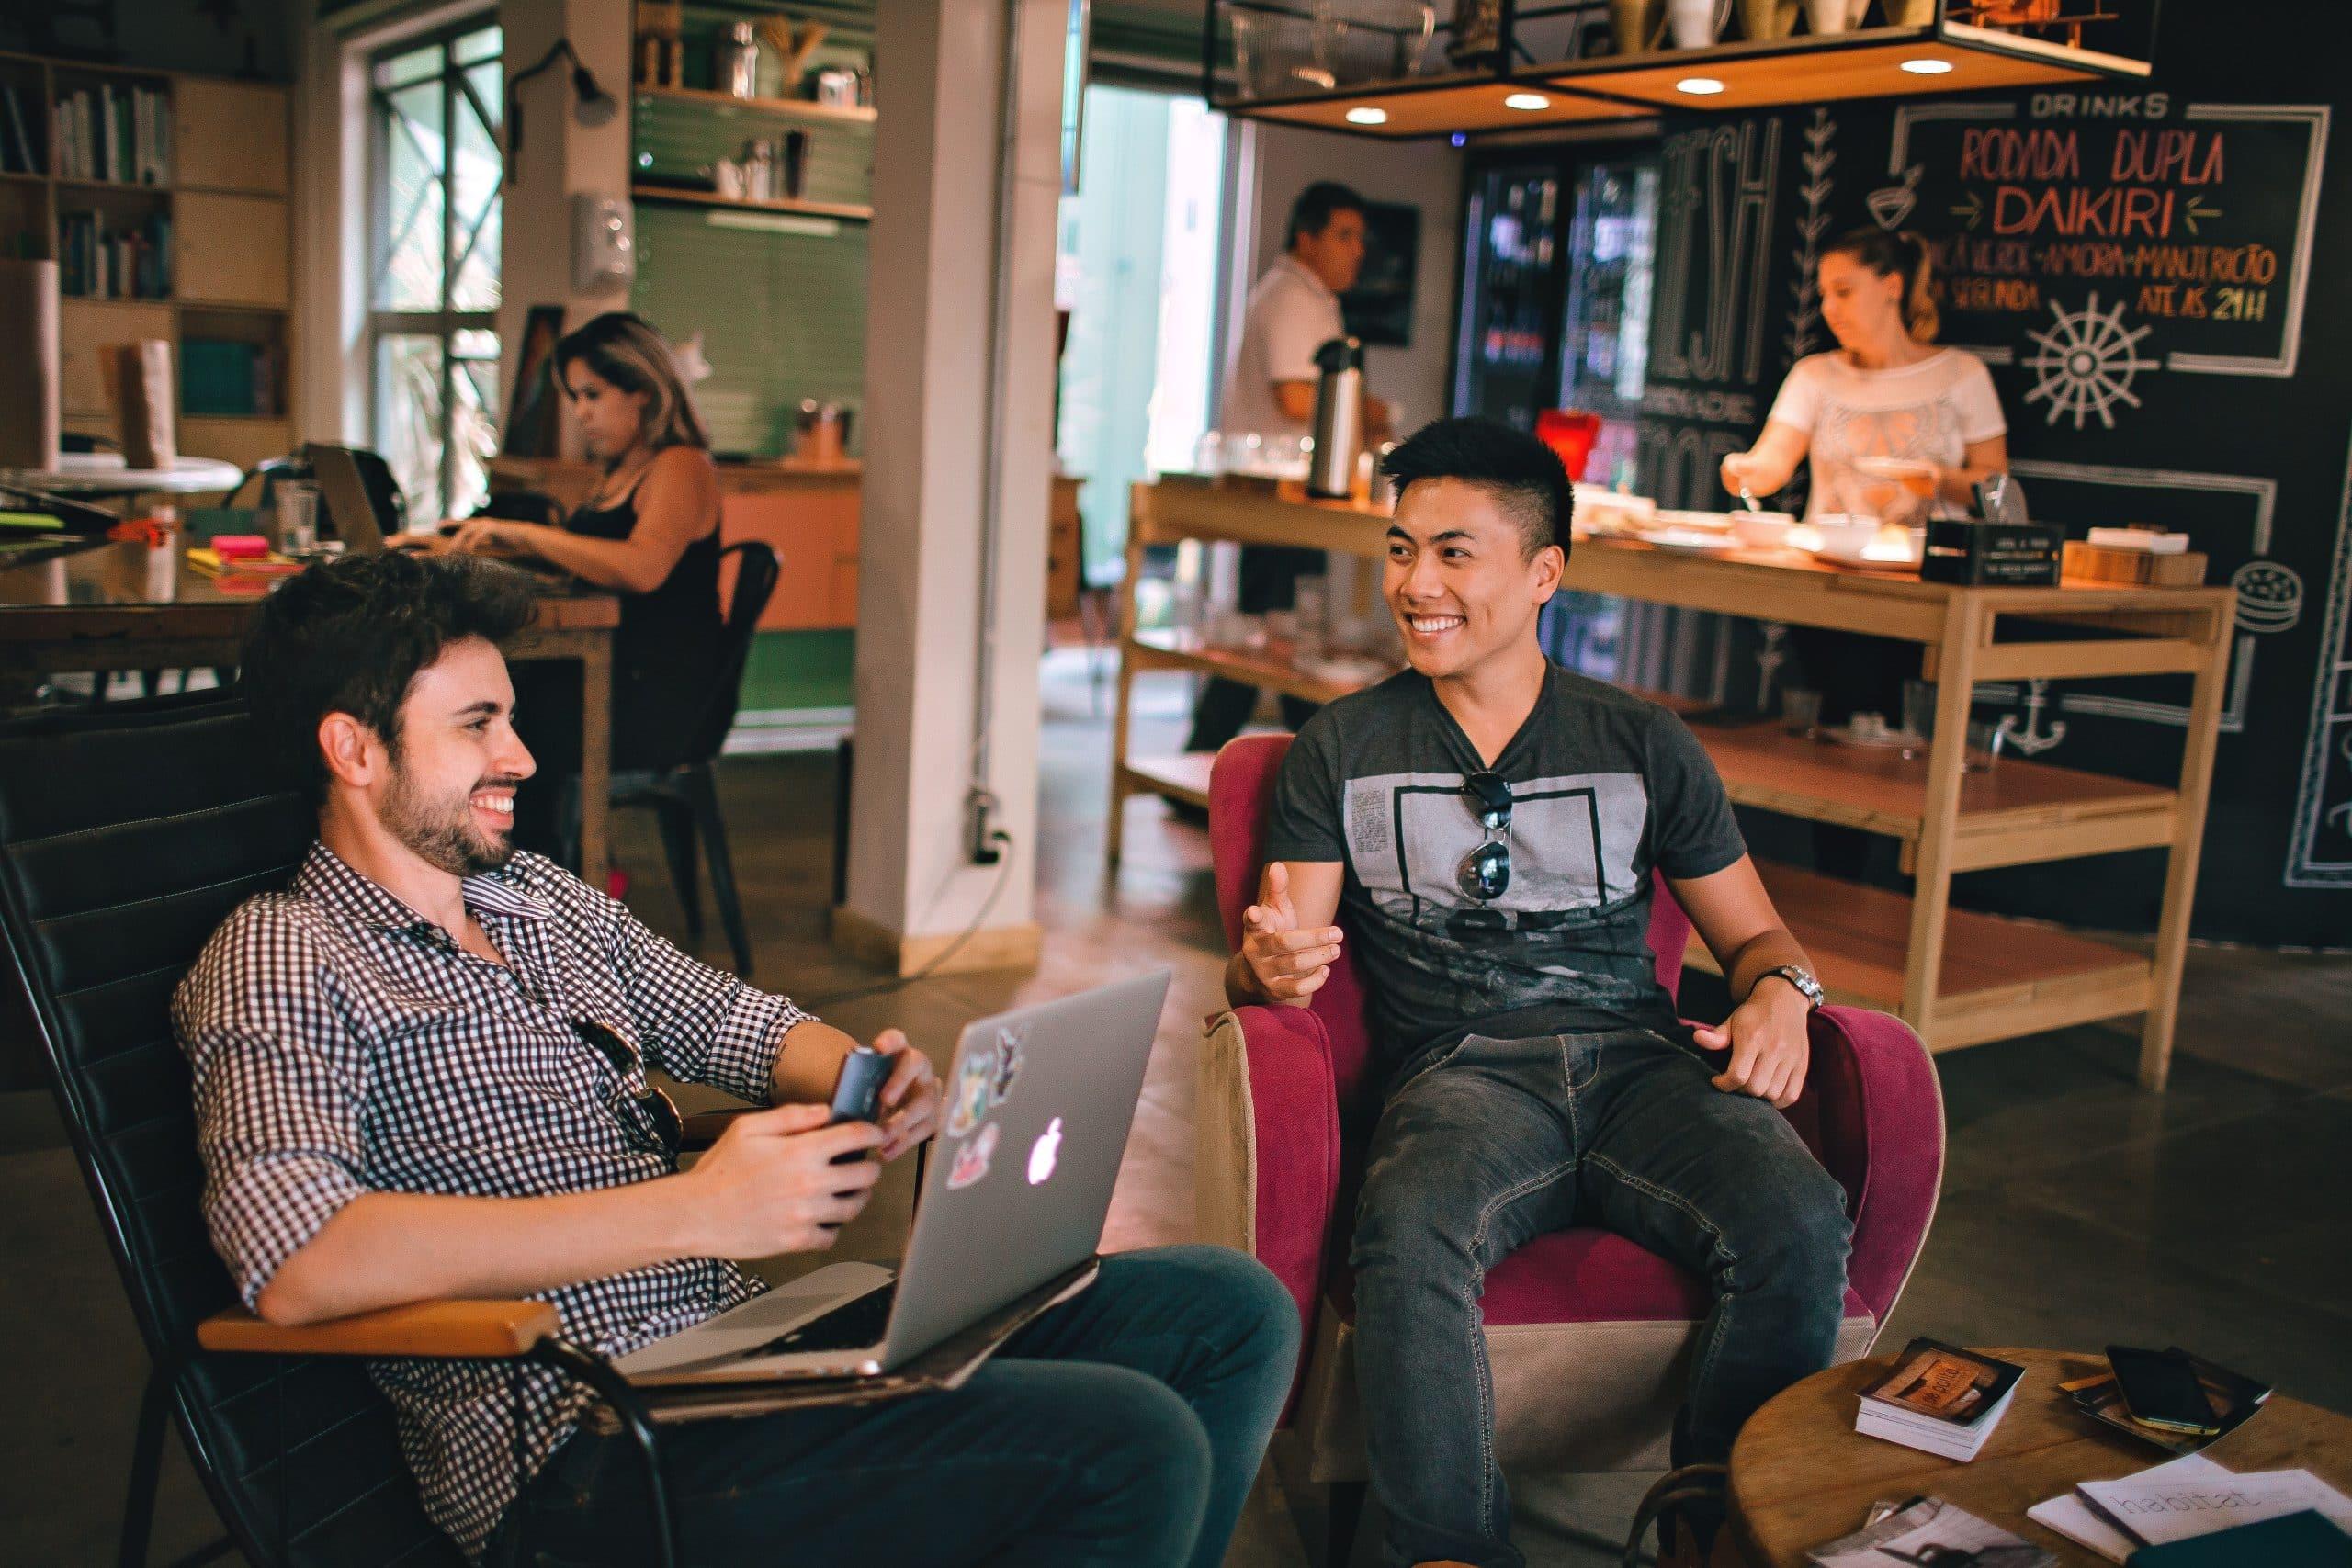 empresas nativas digitales transformacion digital